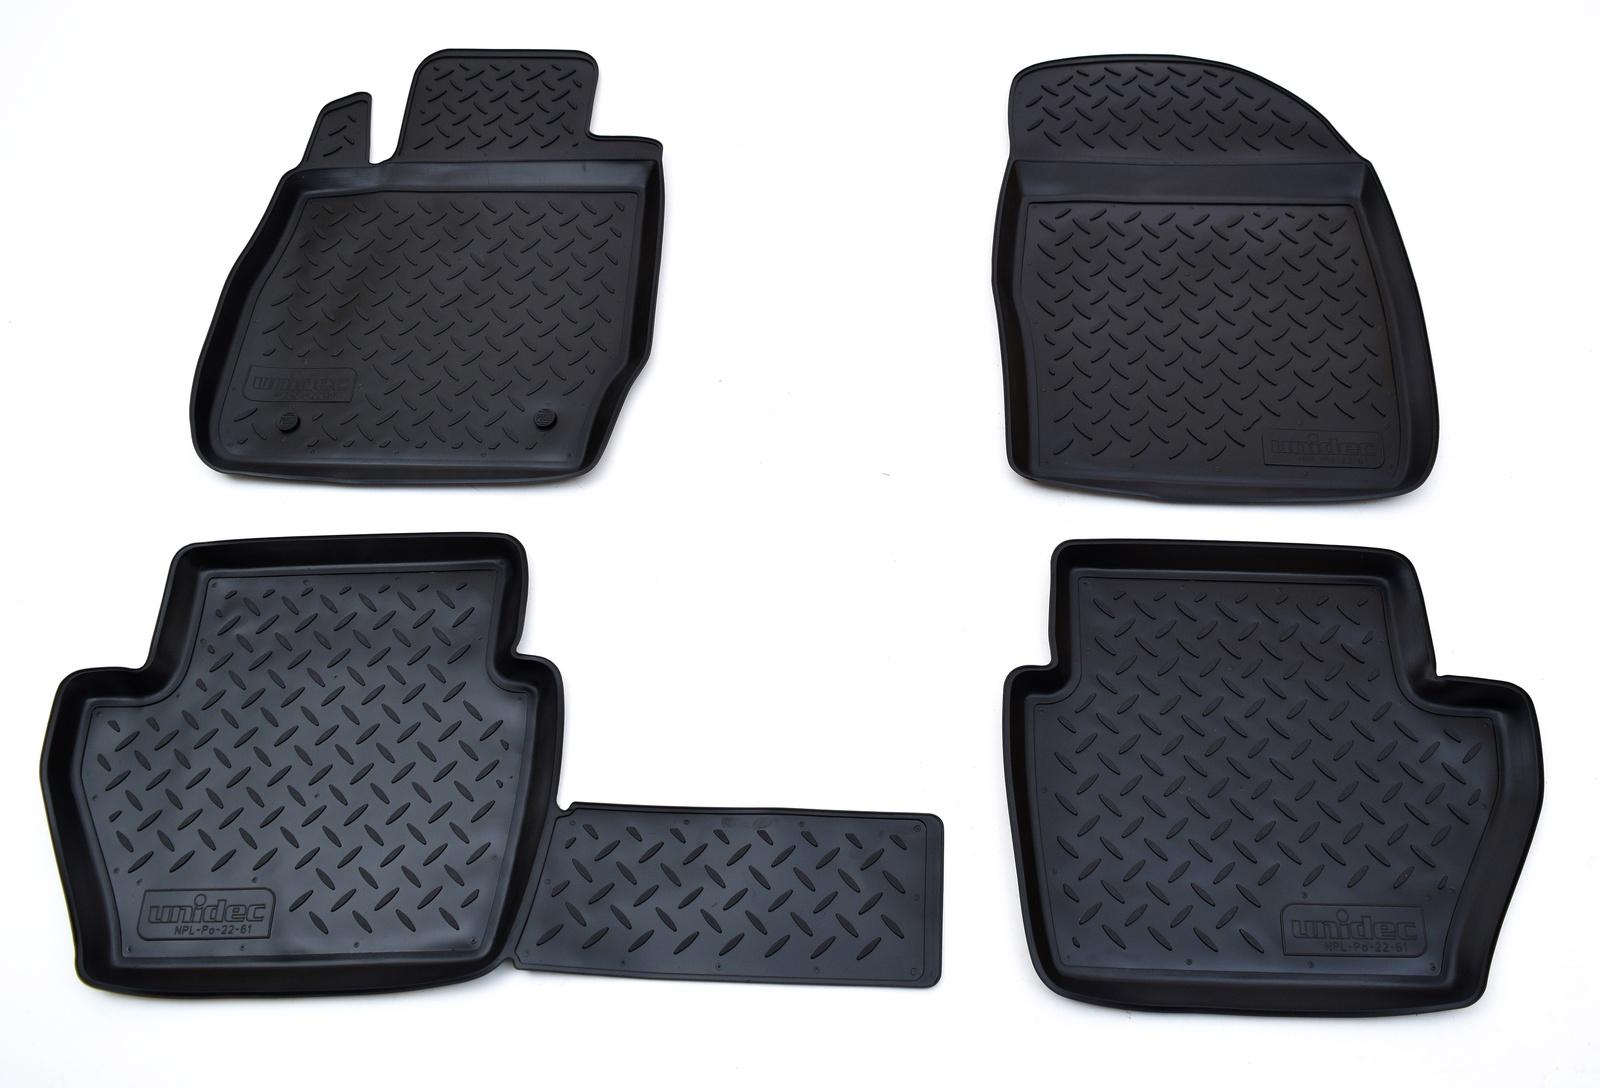 цена на Коврики в салон Norplast для Ford Fiesta JA8 2008, NPL-Po-22-61, черный